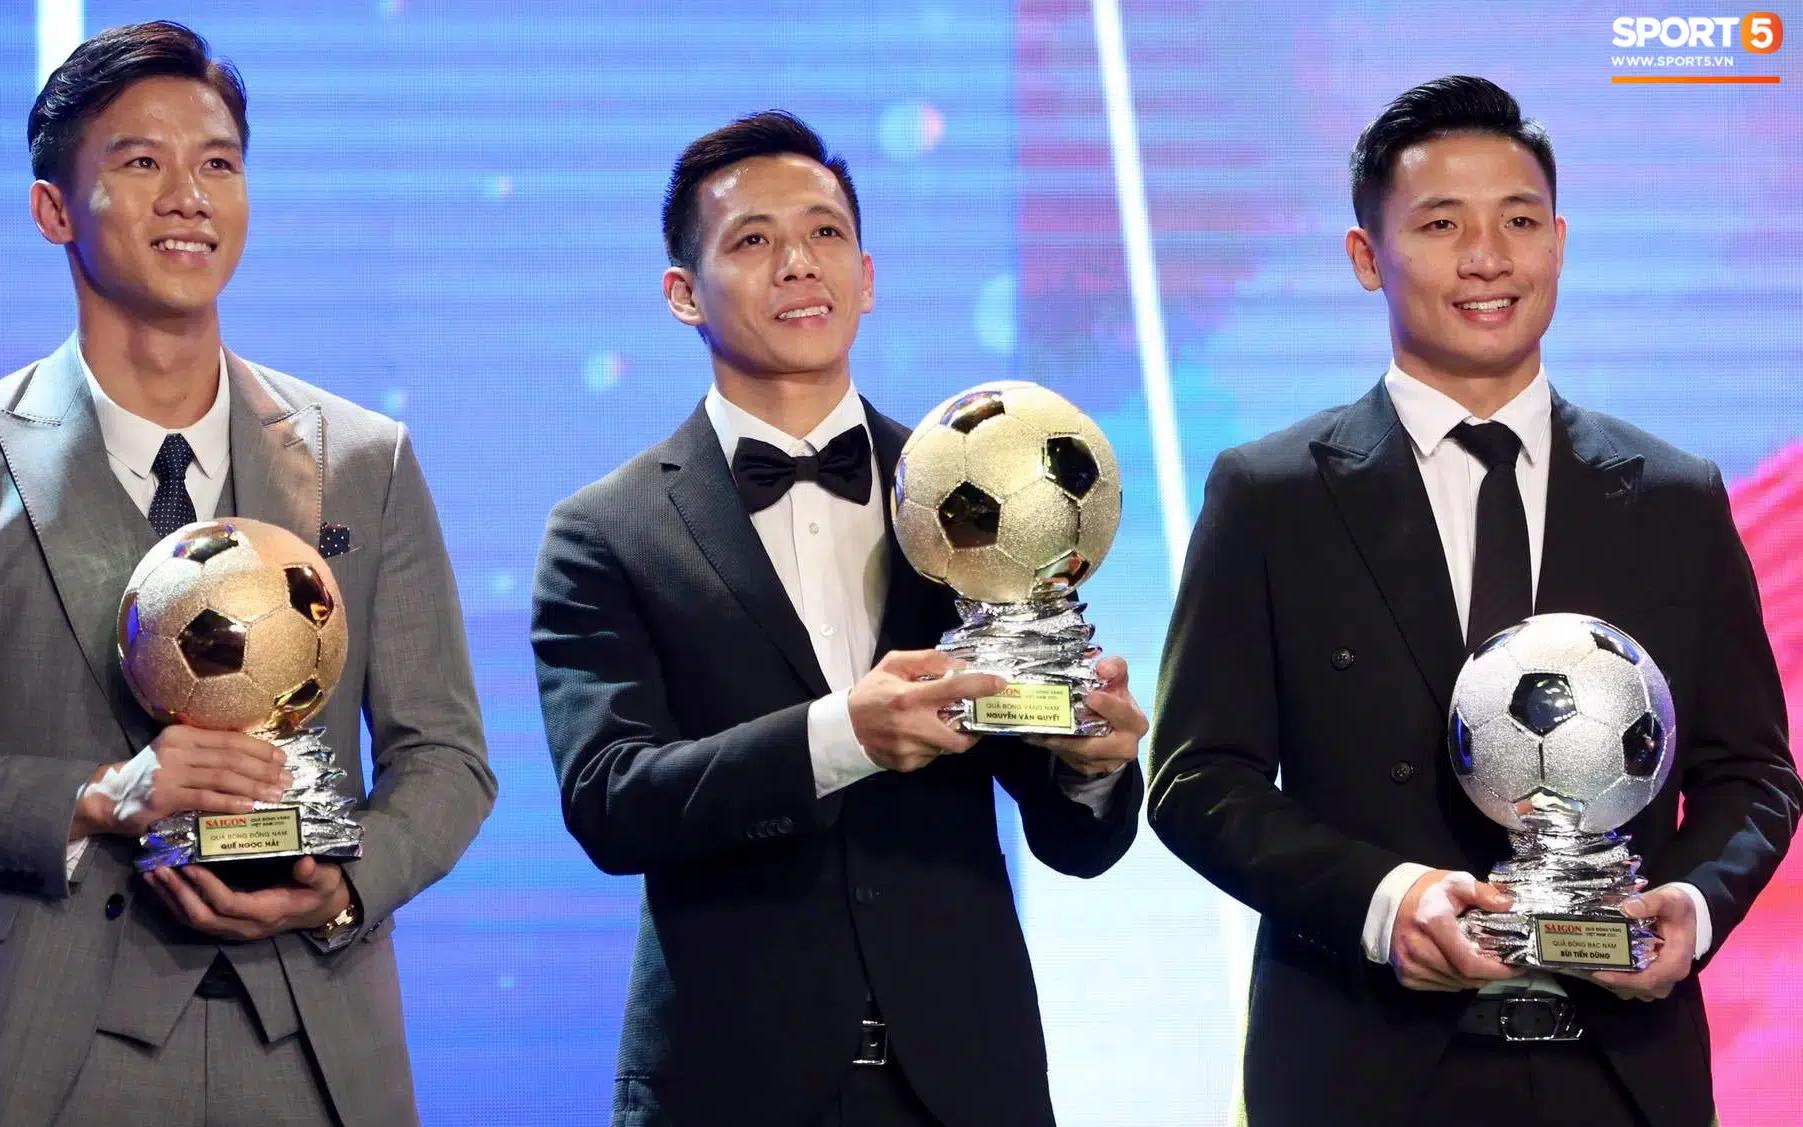 Nóng: Văn Quyết lần đầu giành Quả bóng vàng Việt Nam